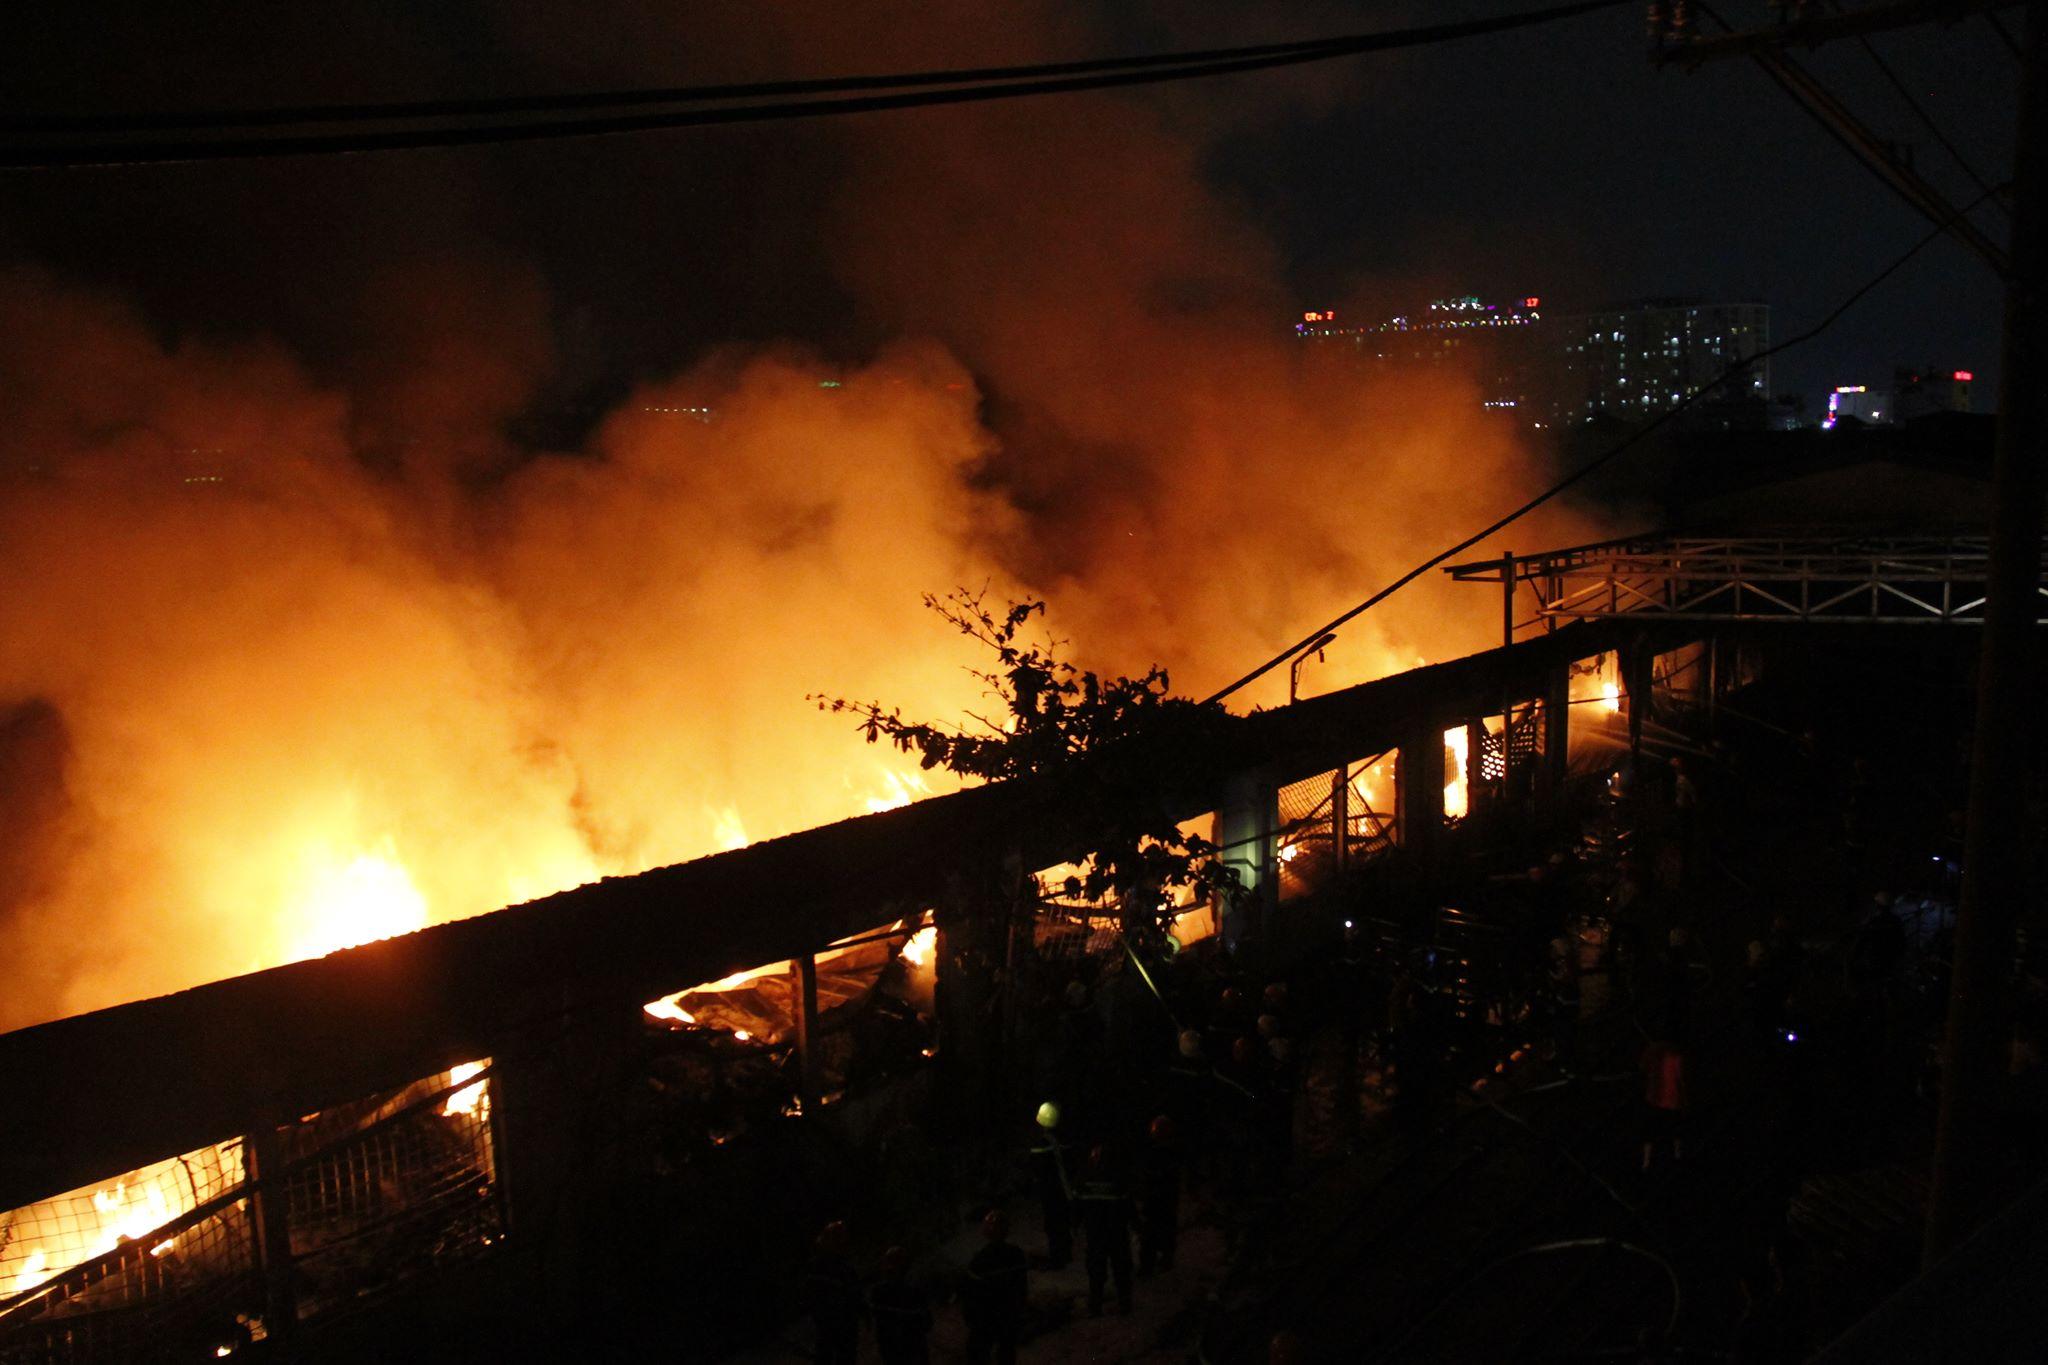 """Ảnh: Cả trăm cảnh sát vật lộn với """"giặc lửa"""" tại KCN Tân Bình - 2"""